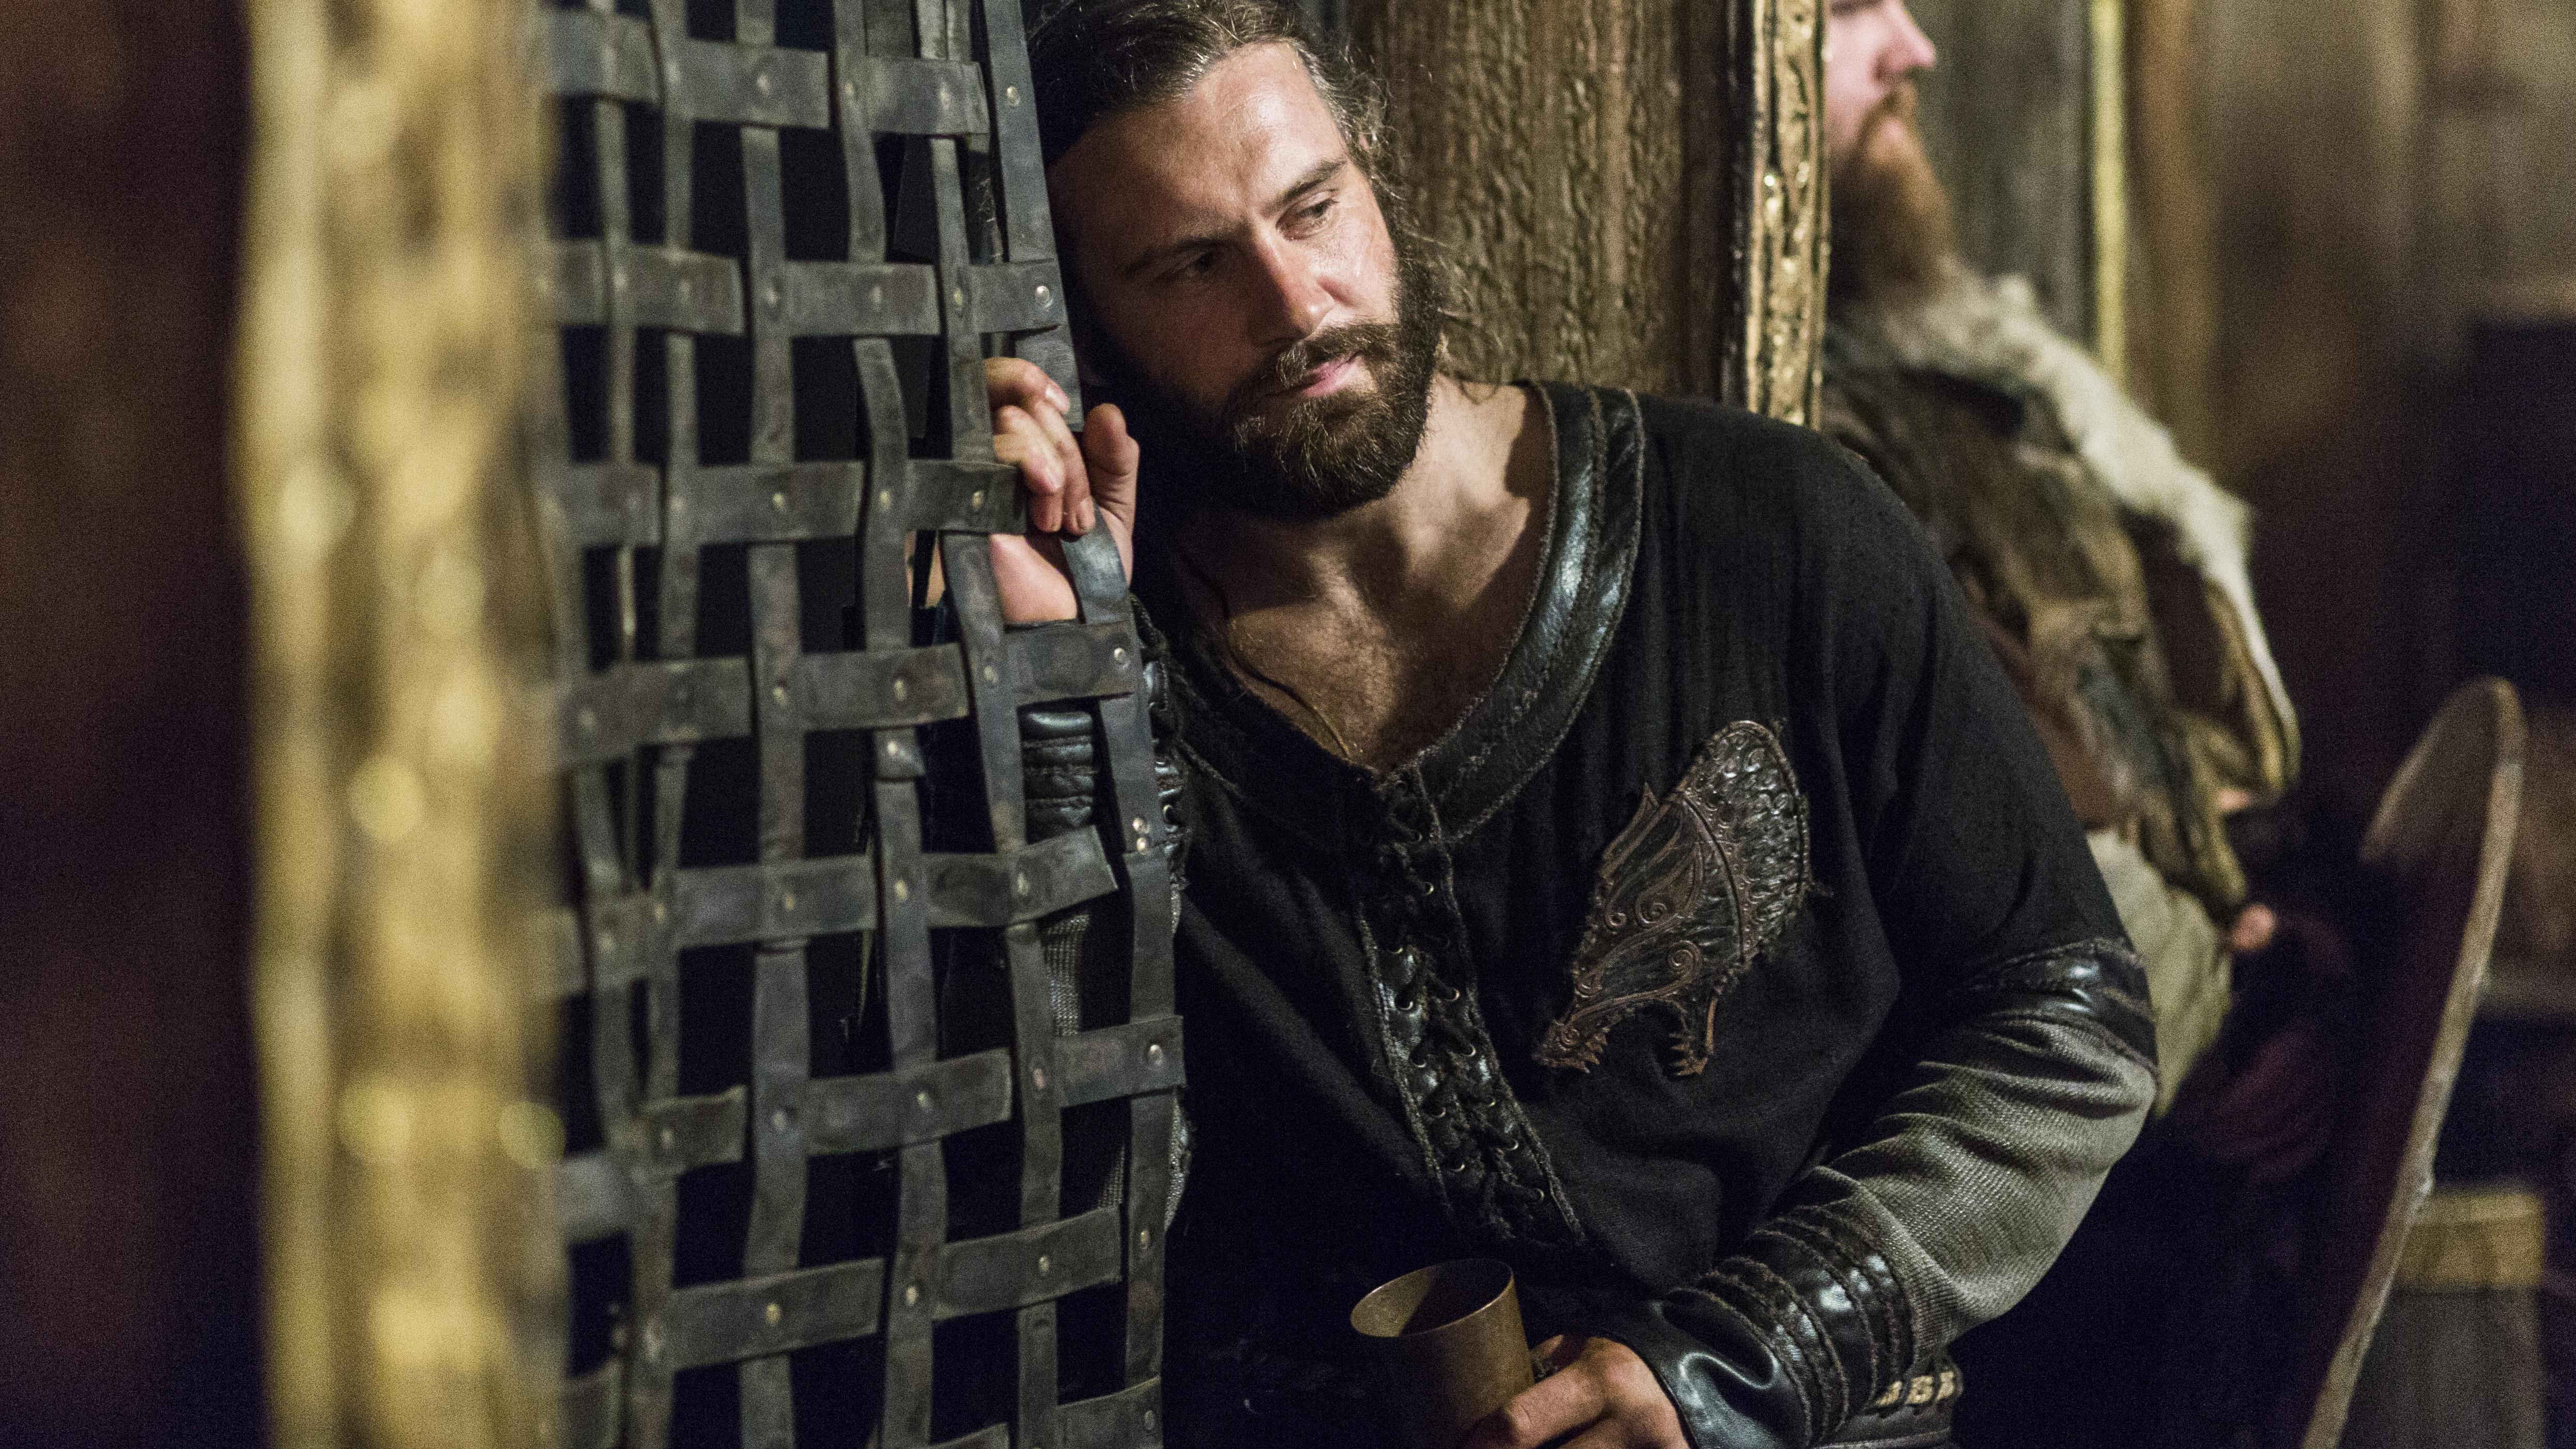 Season 2, Episode 7: Blood Eagle - Vikings | HISTORY